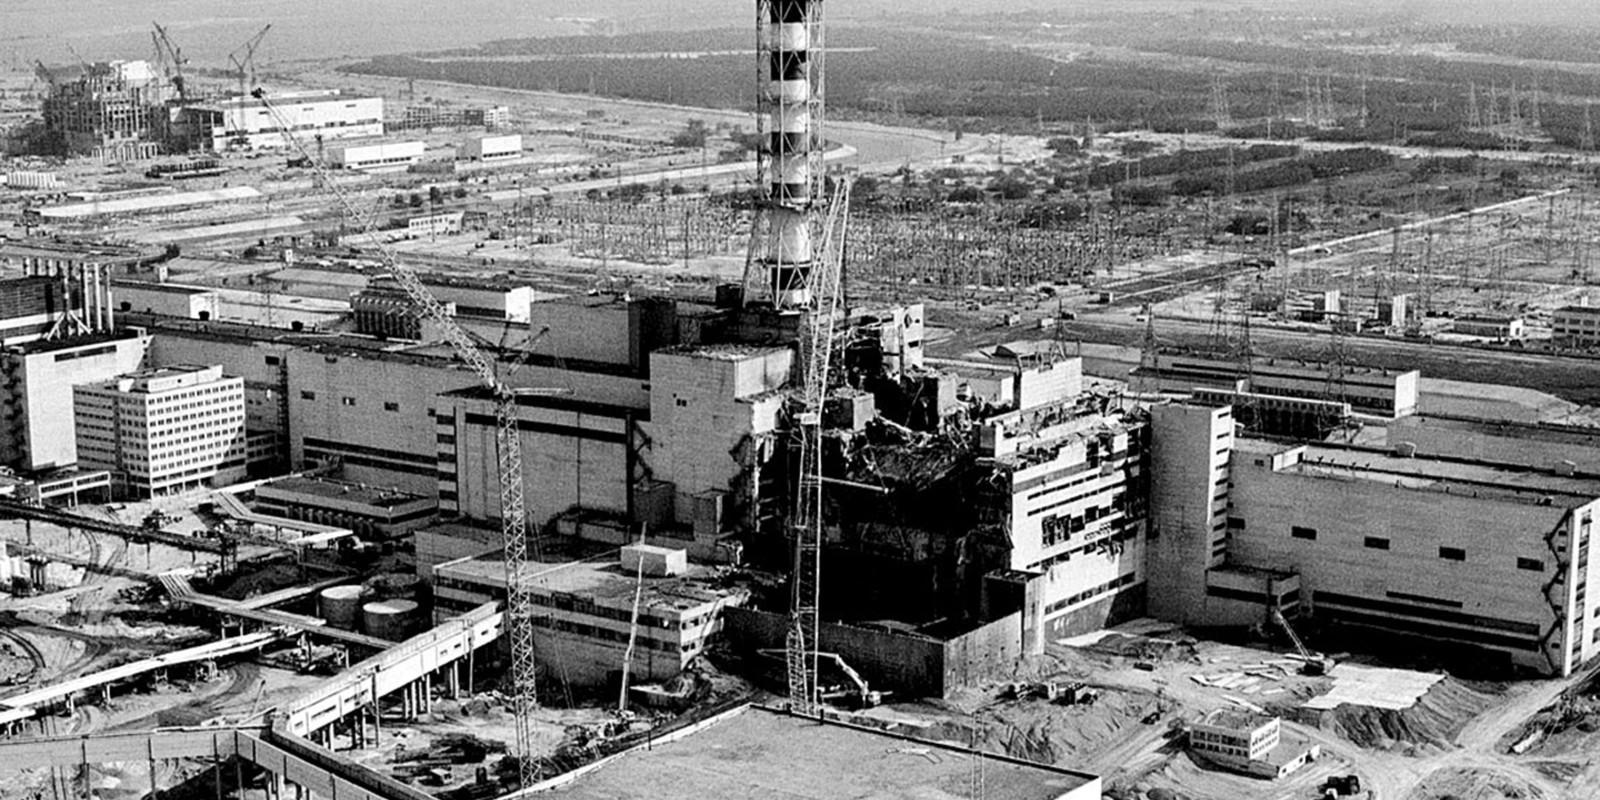 Após 30 anos, desastre de Chernobyl continua atual